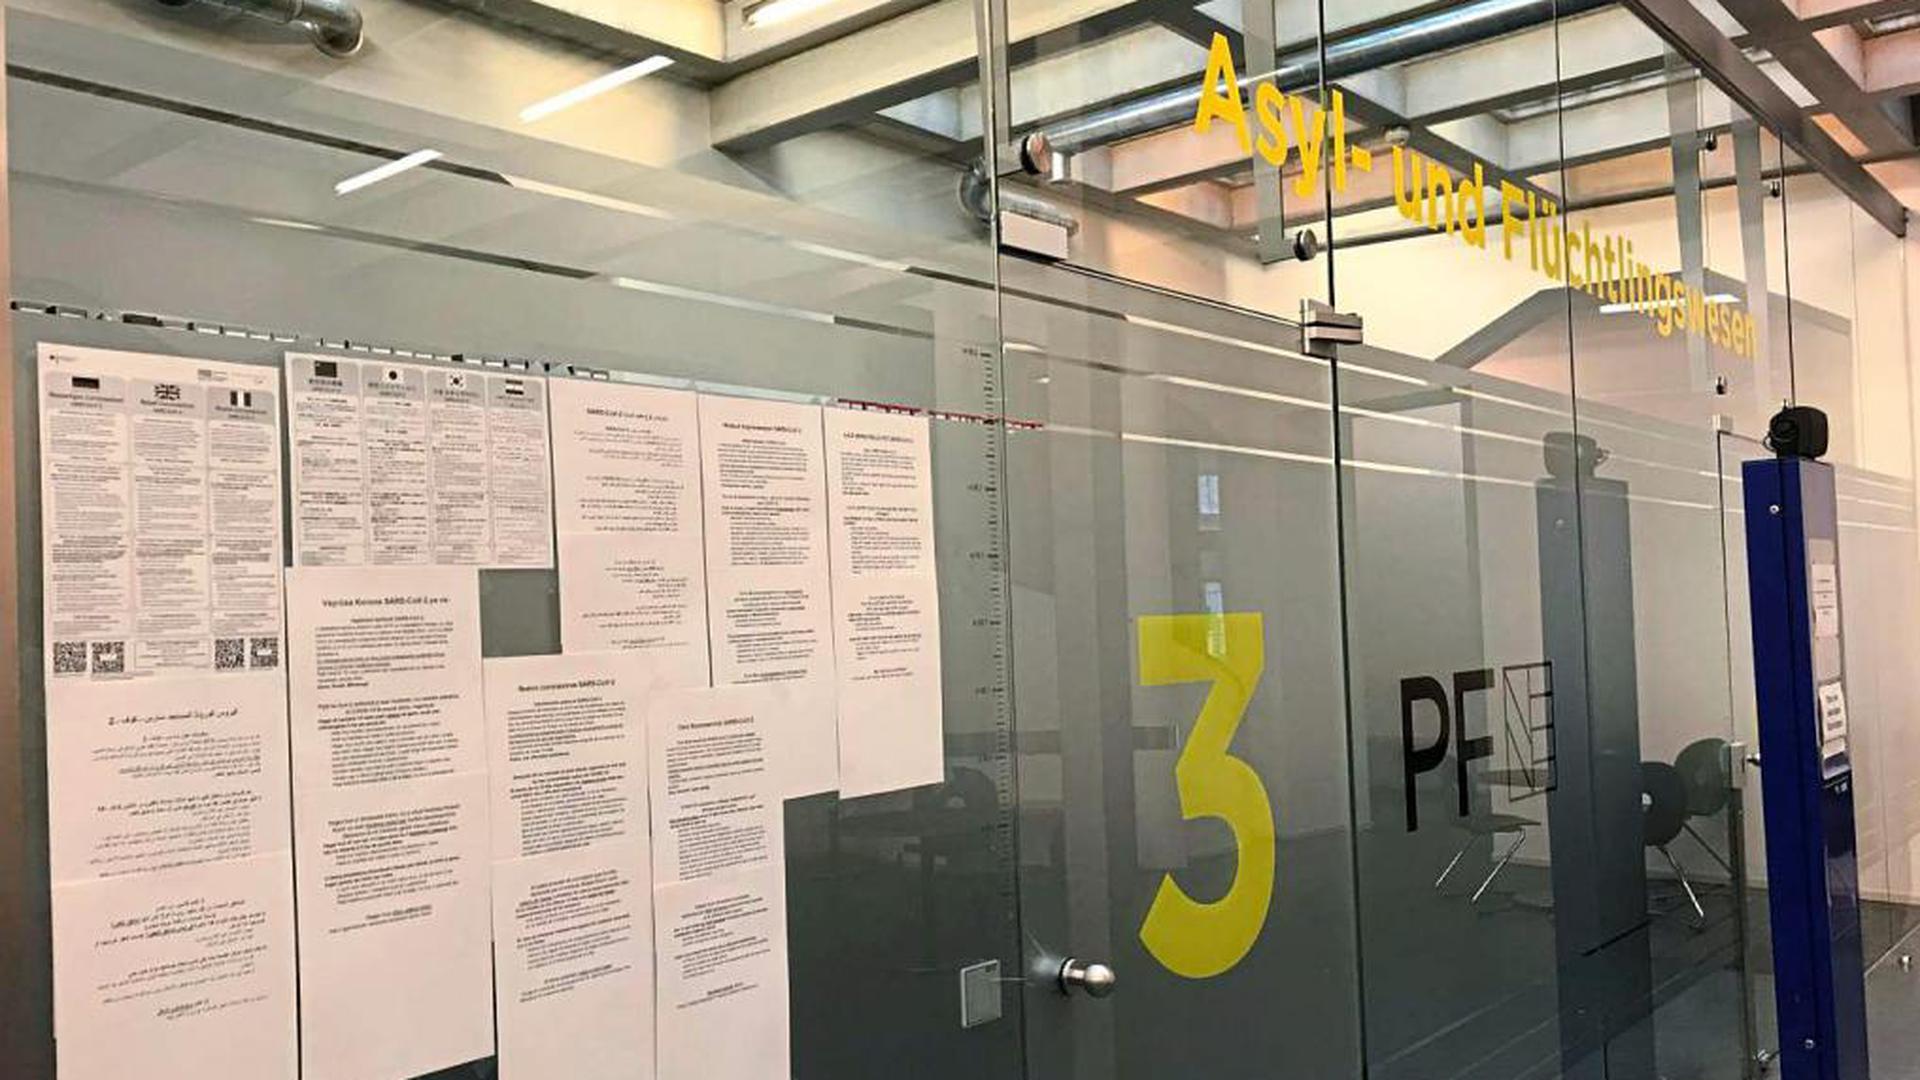 Hinweise in sieben Sprachen finden die Besucher vor den verschlossenen Türen des Amts für Asyl- und Flüchtlingswesen zum Umgang mit dem Coronavirus.